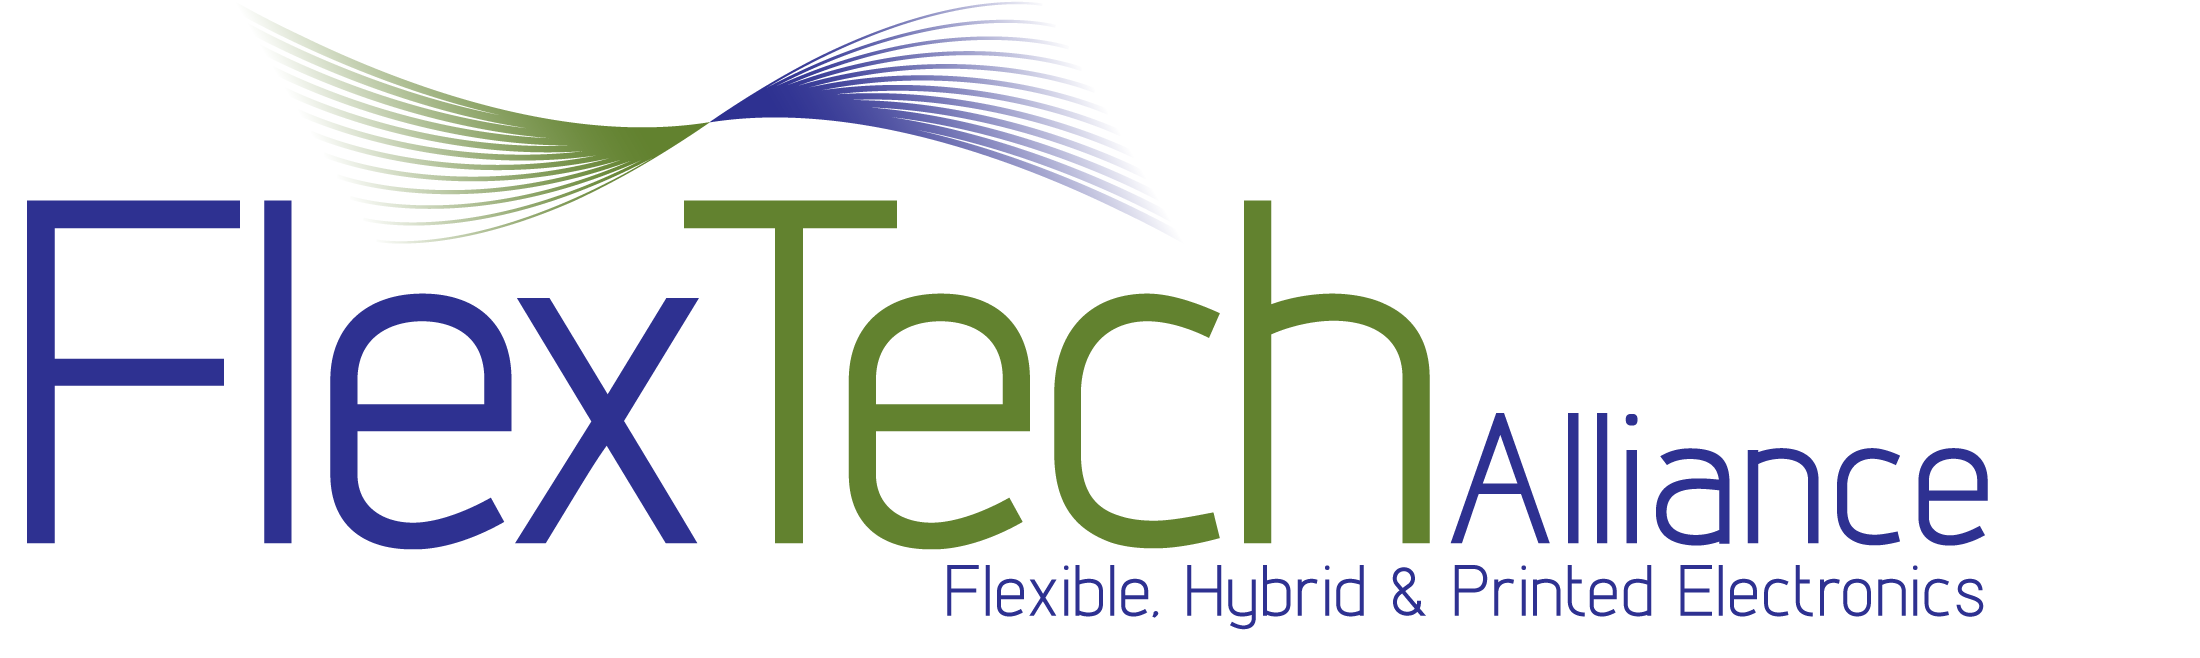 FlexTech Alliance